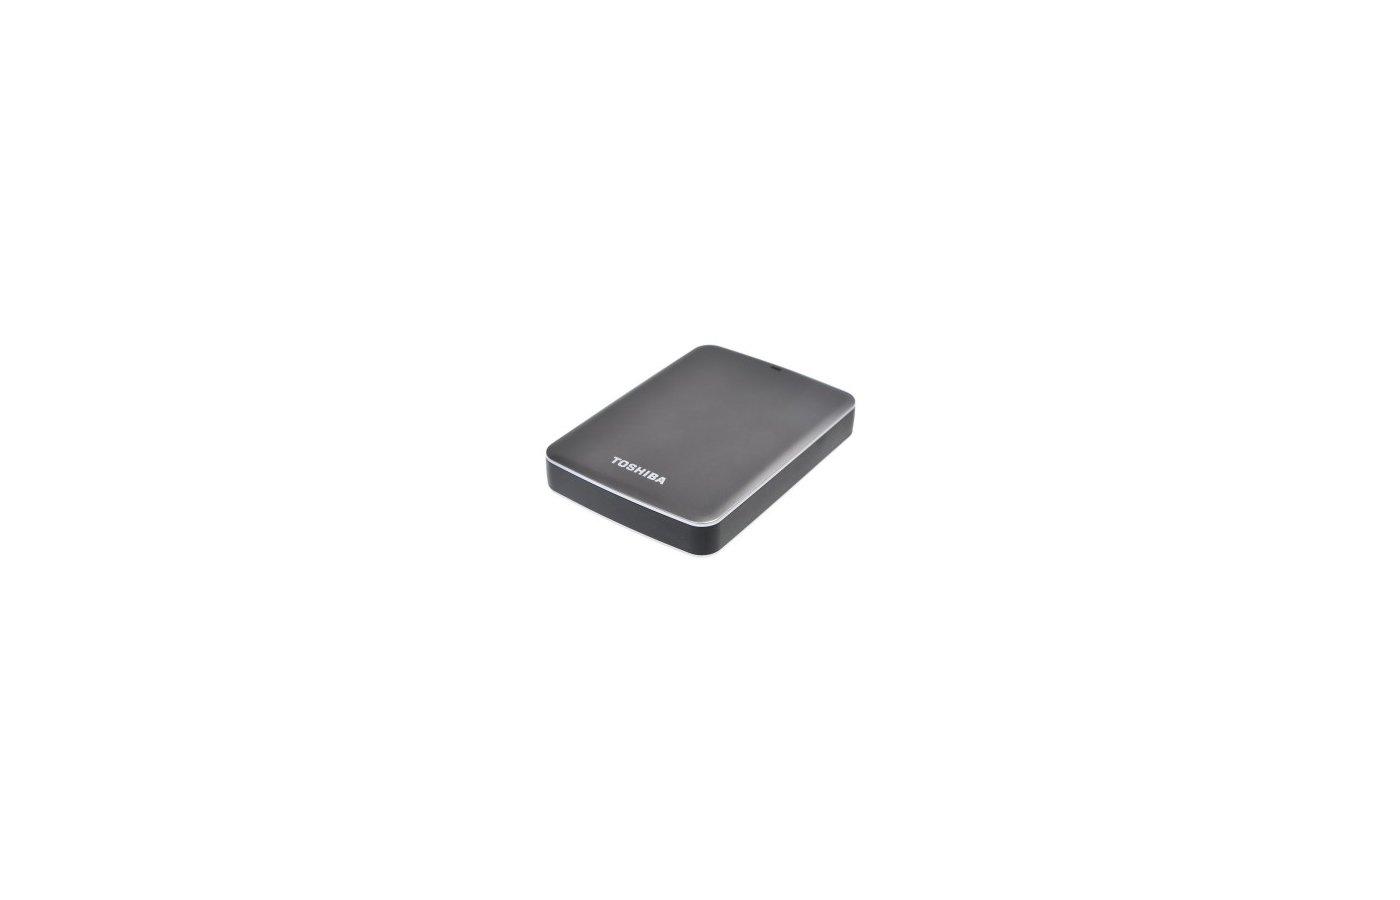 """Внешний жесткий диск Toshiba USB 3.0 500Gb HDTC805EK3AA CANVIO Connect II 2.5"""" черный"""